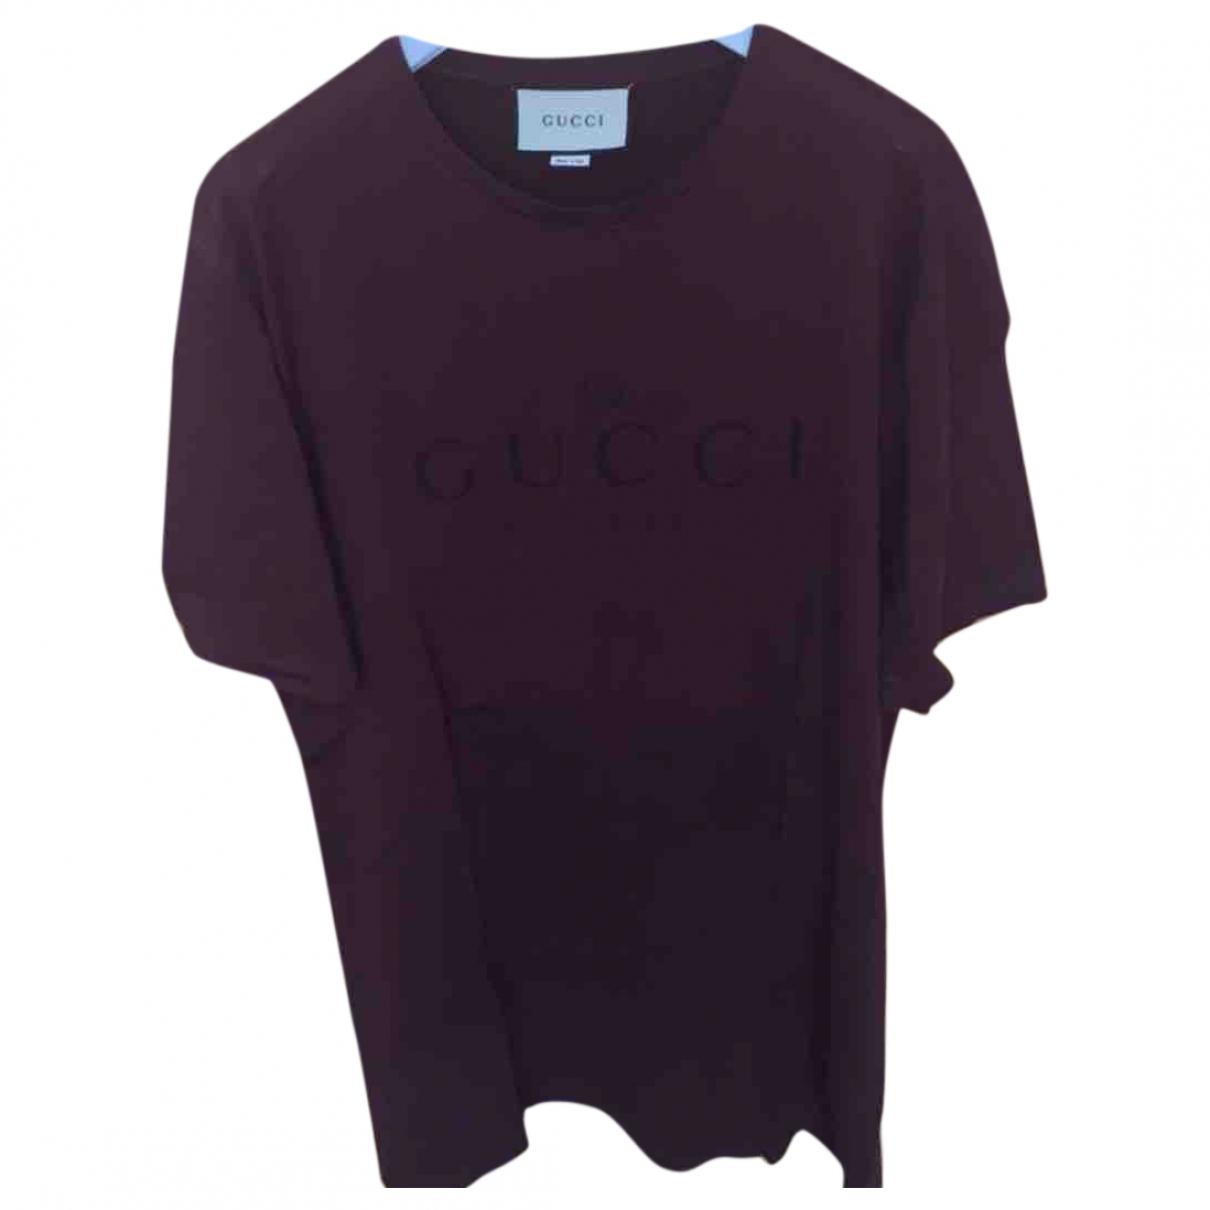 Gucci - Tee shirts   pour homme en coton - bordeaux